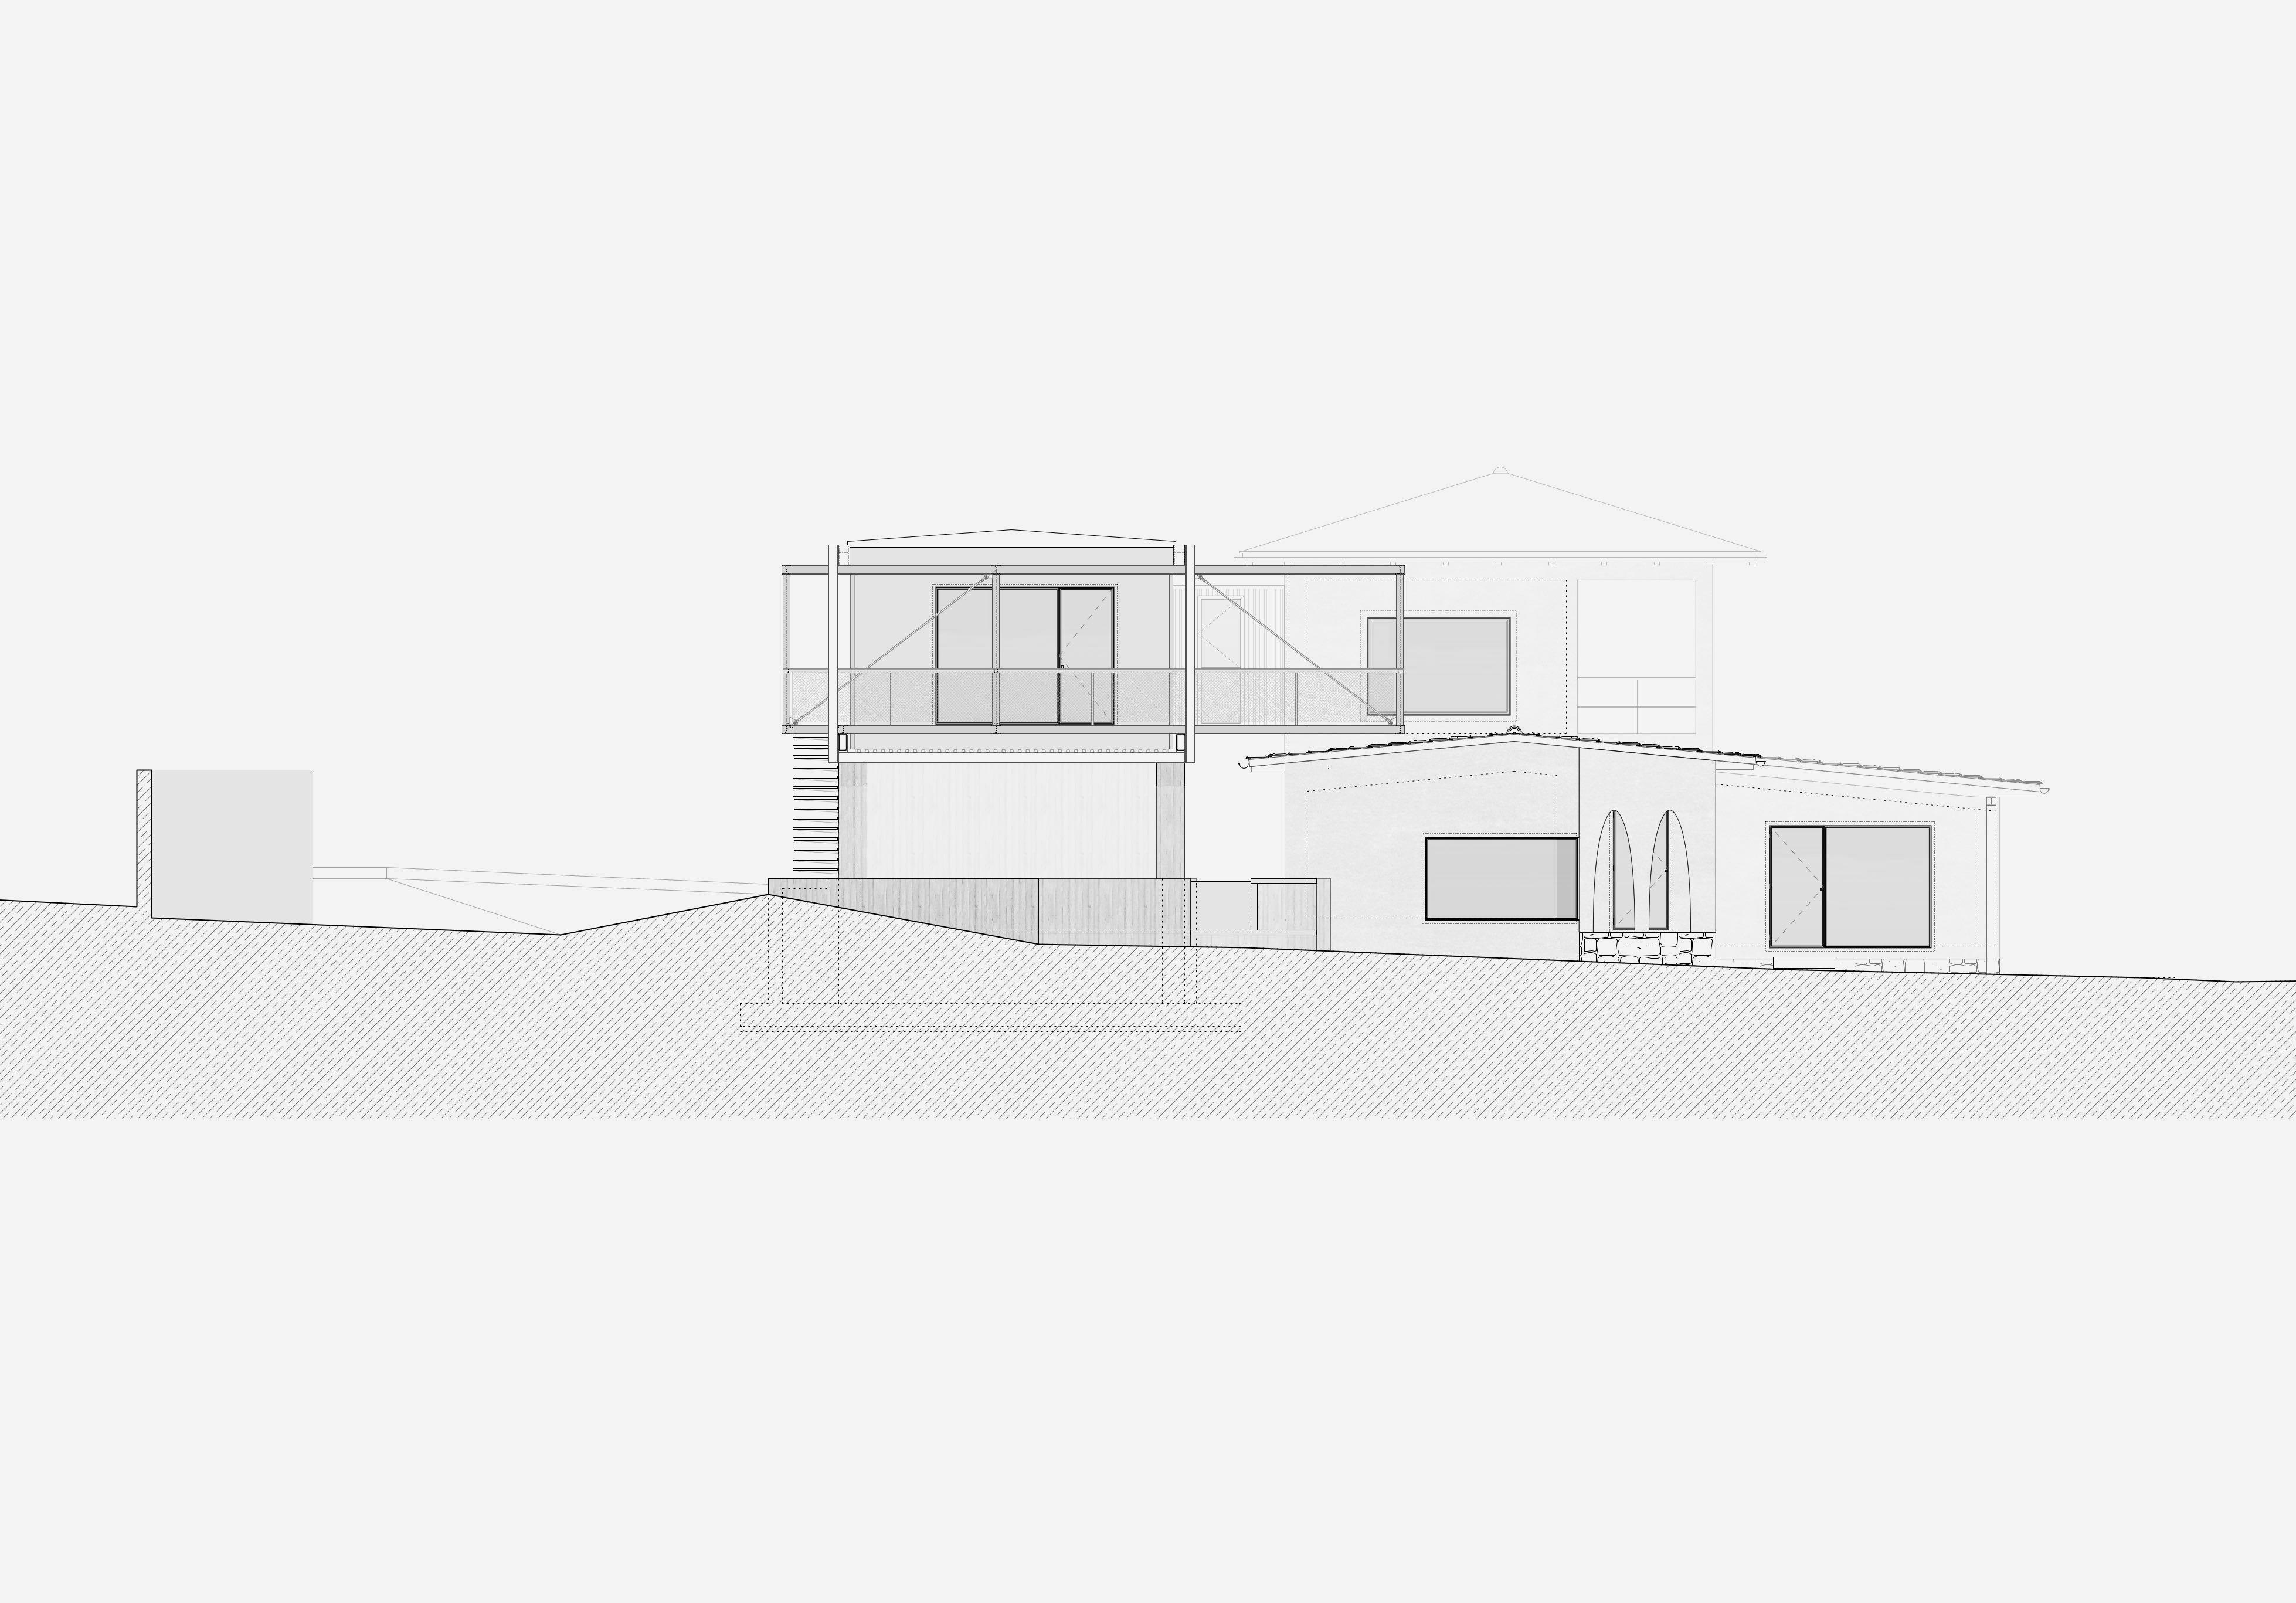 Umbau Villa am See Pella: Südfassade